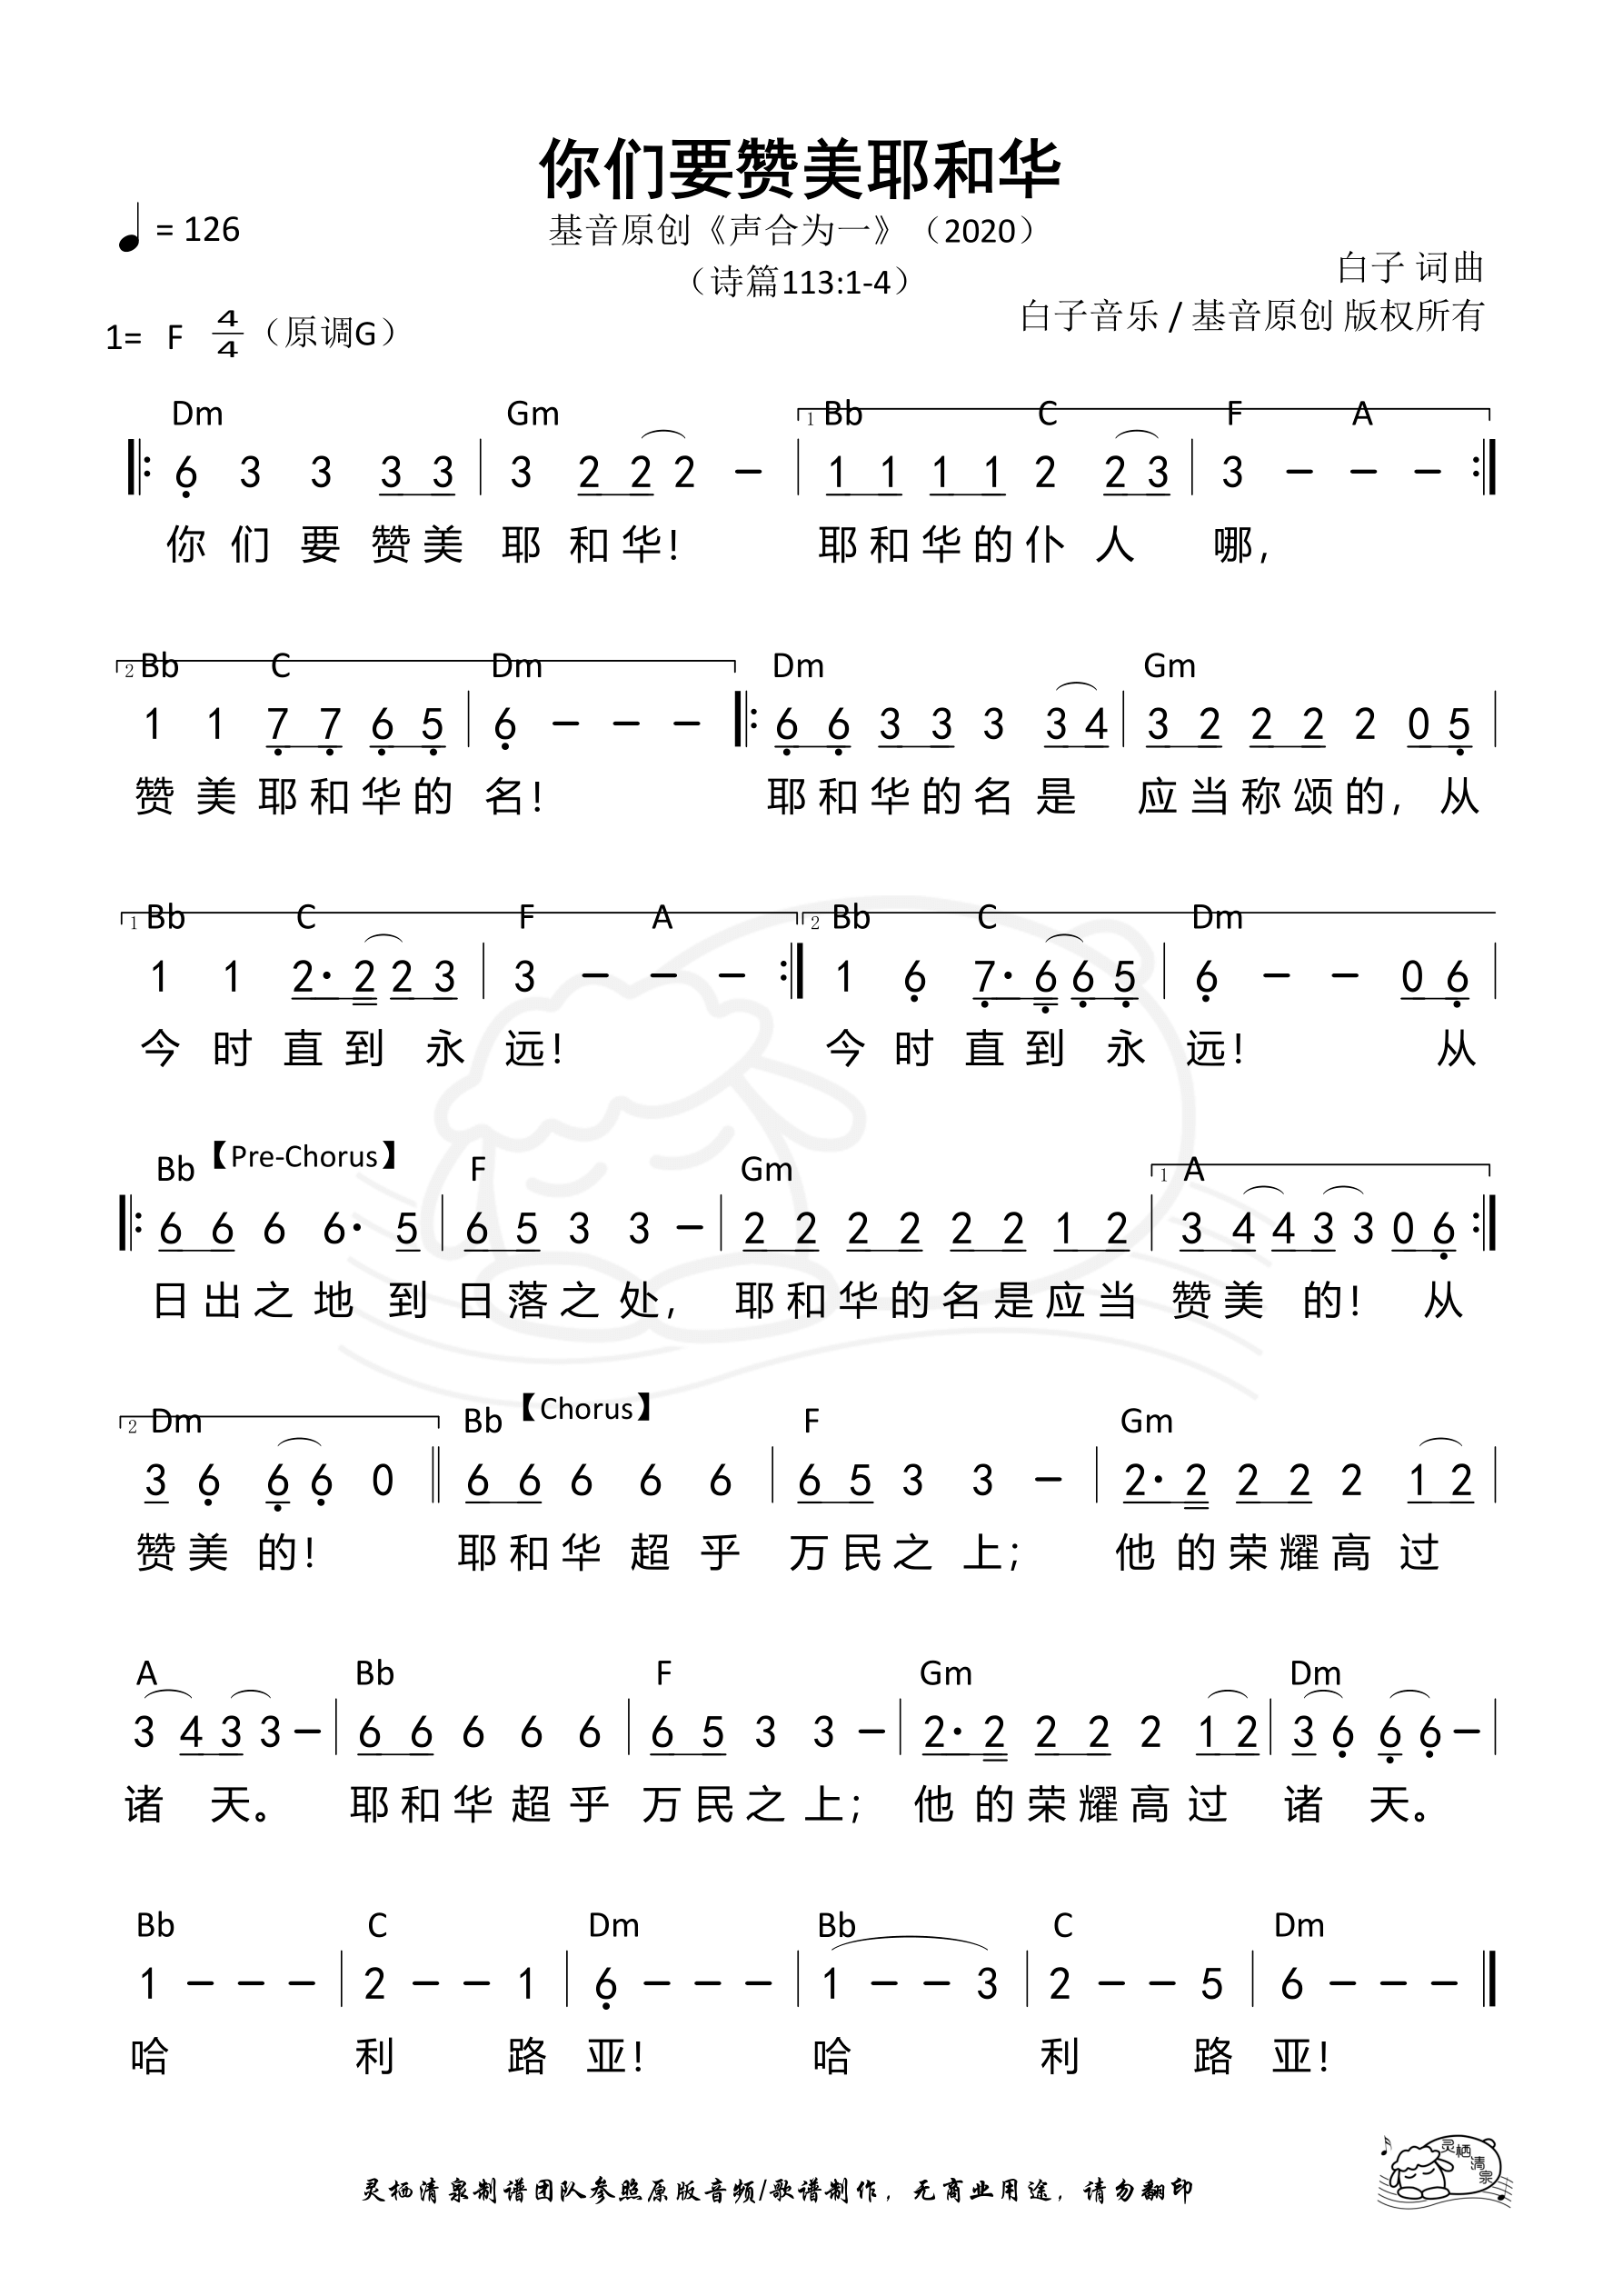 《第80首 -你们要赞美耶和华 和弦简谱》